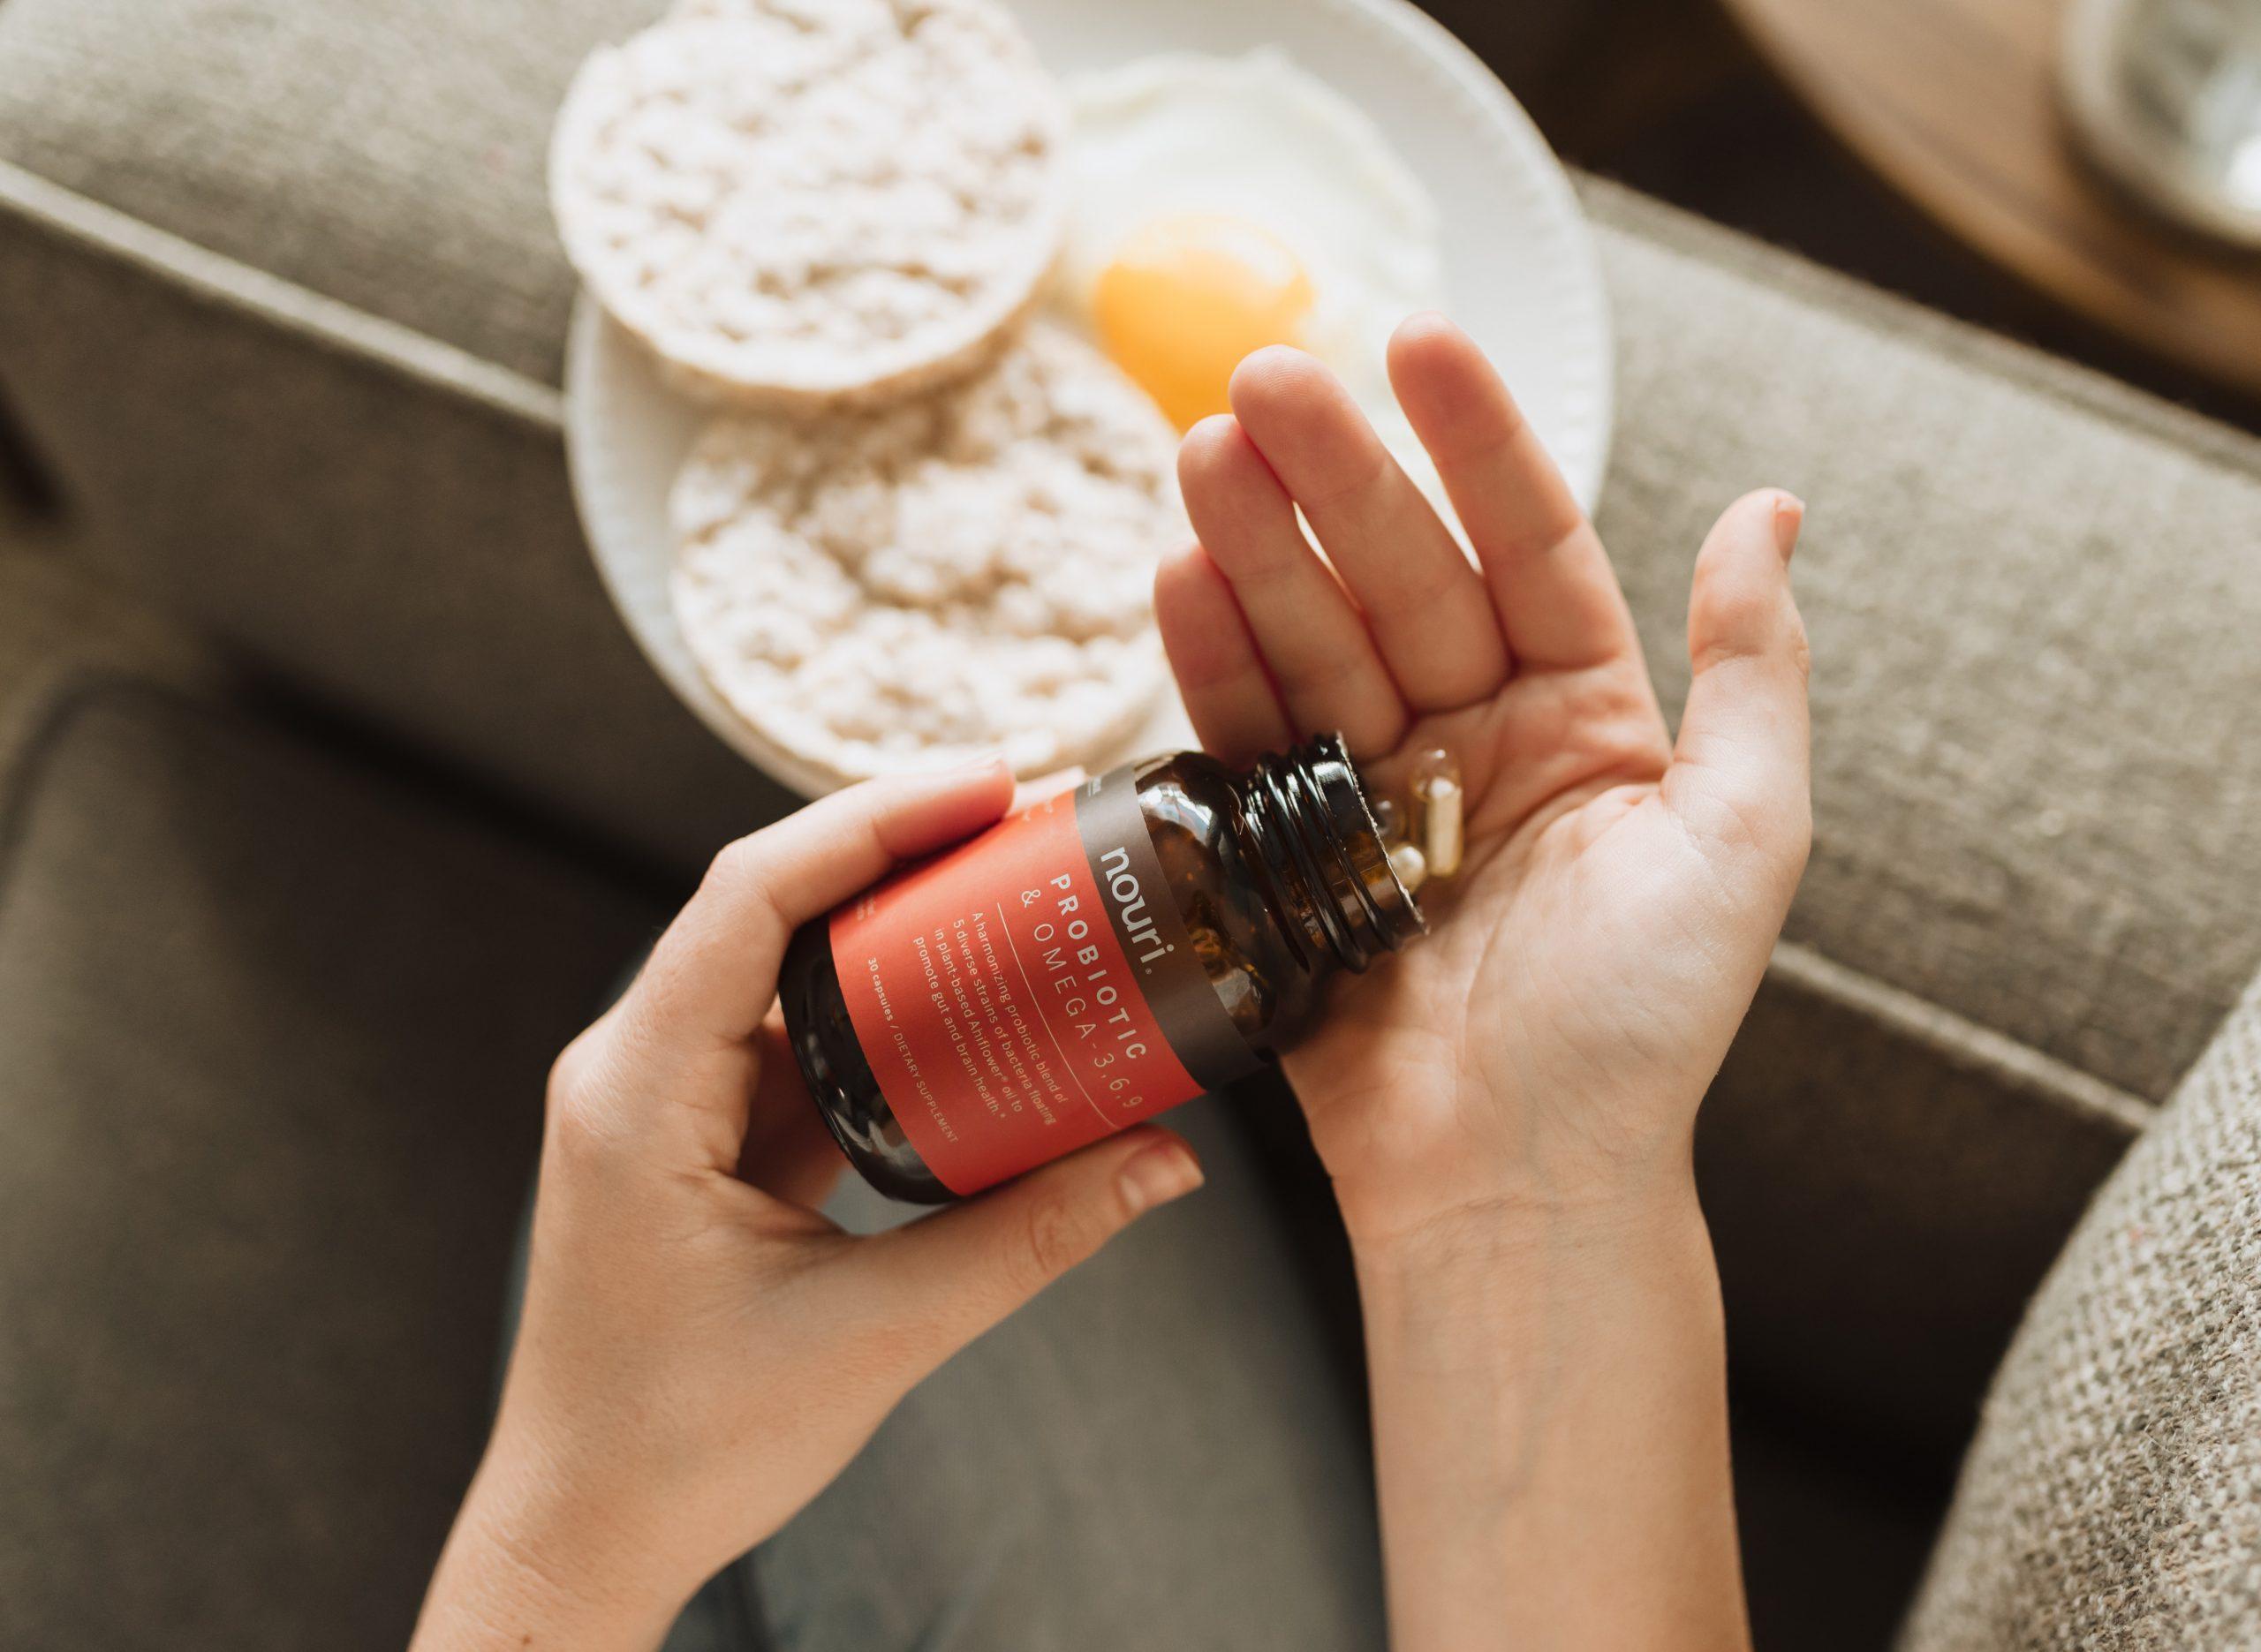 Imagem de uma pessoa colocando duas cápsulas na mão.